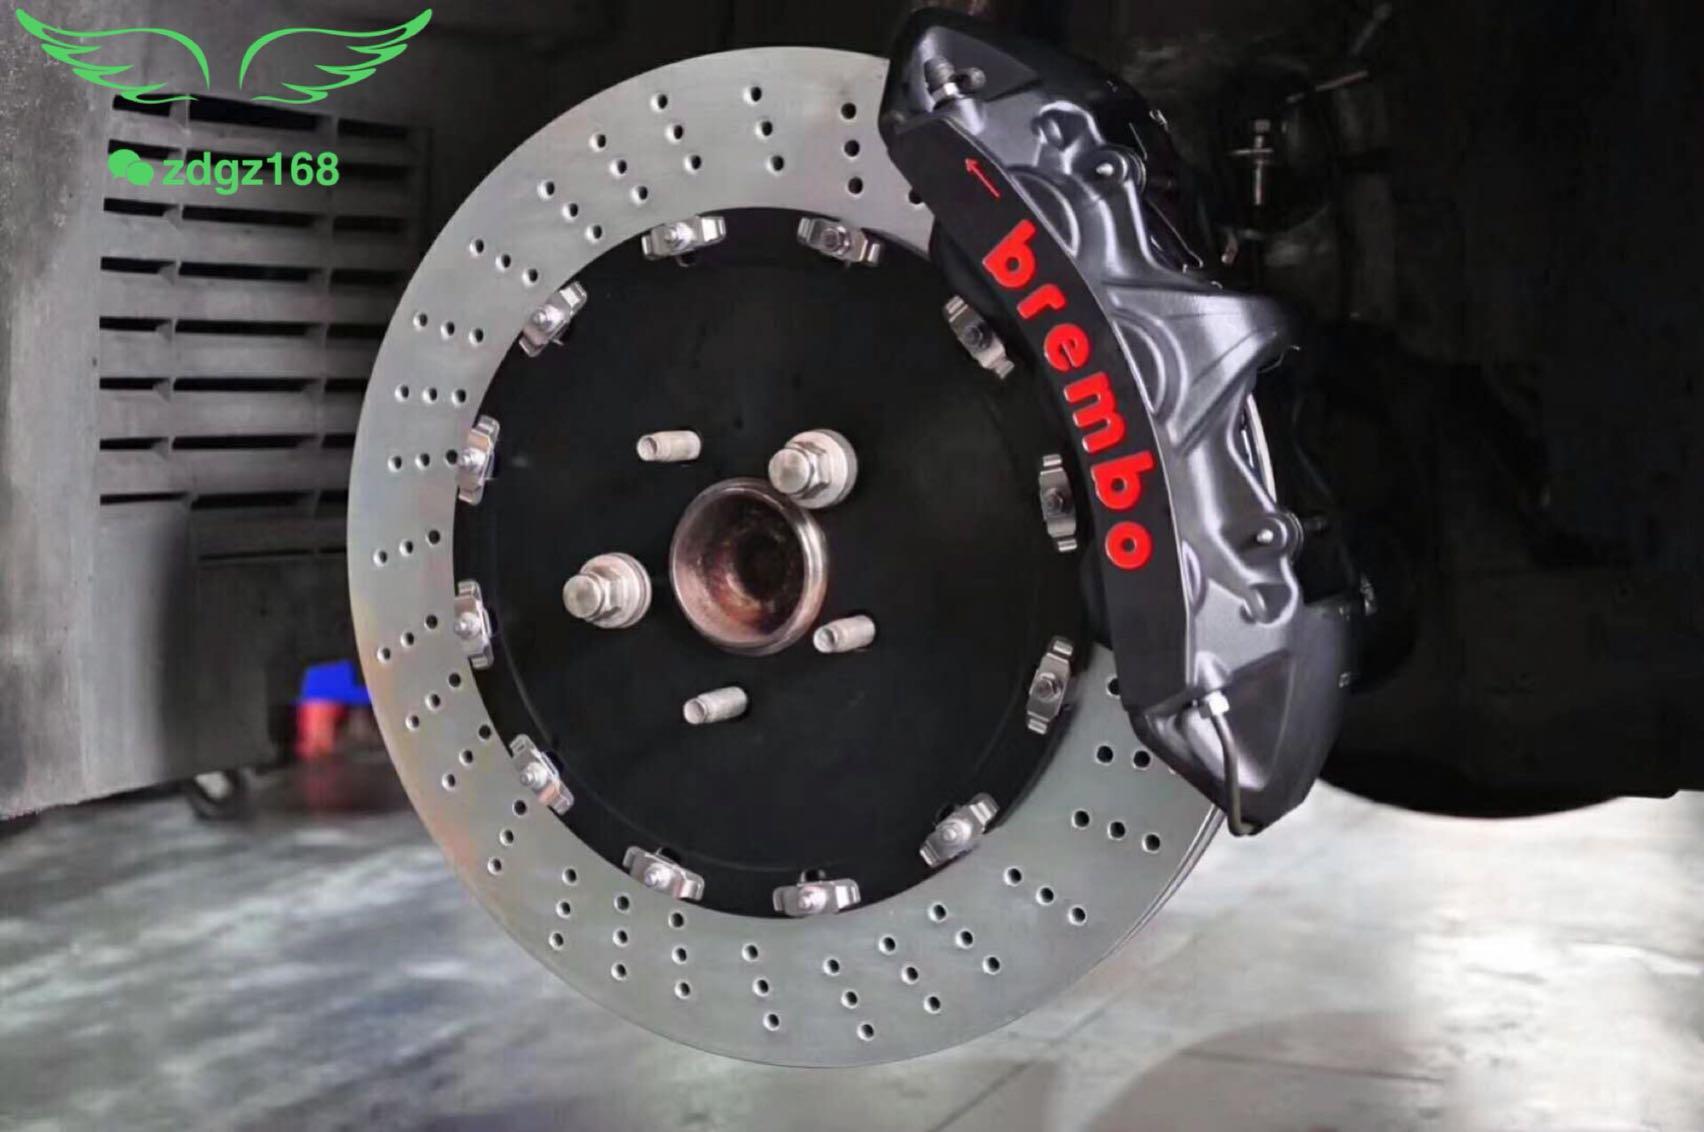 捷豹XF 20寸刹车改装升级Brembo GTS前六后四(后轮定制双卡钳)霸气侧漏[机智]